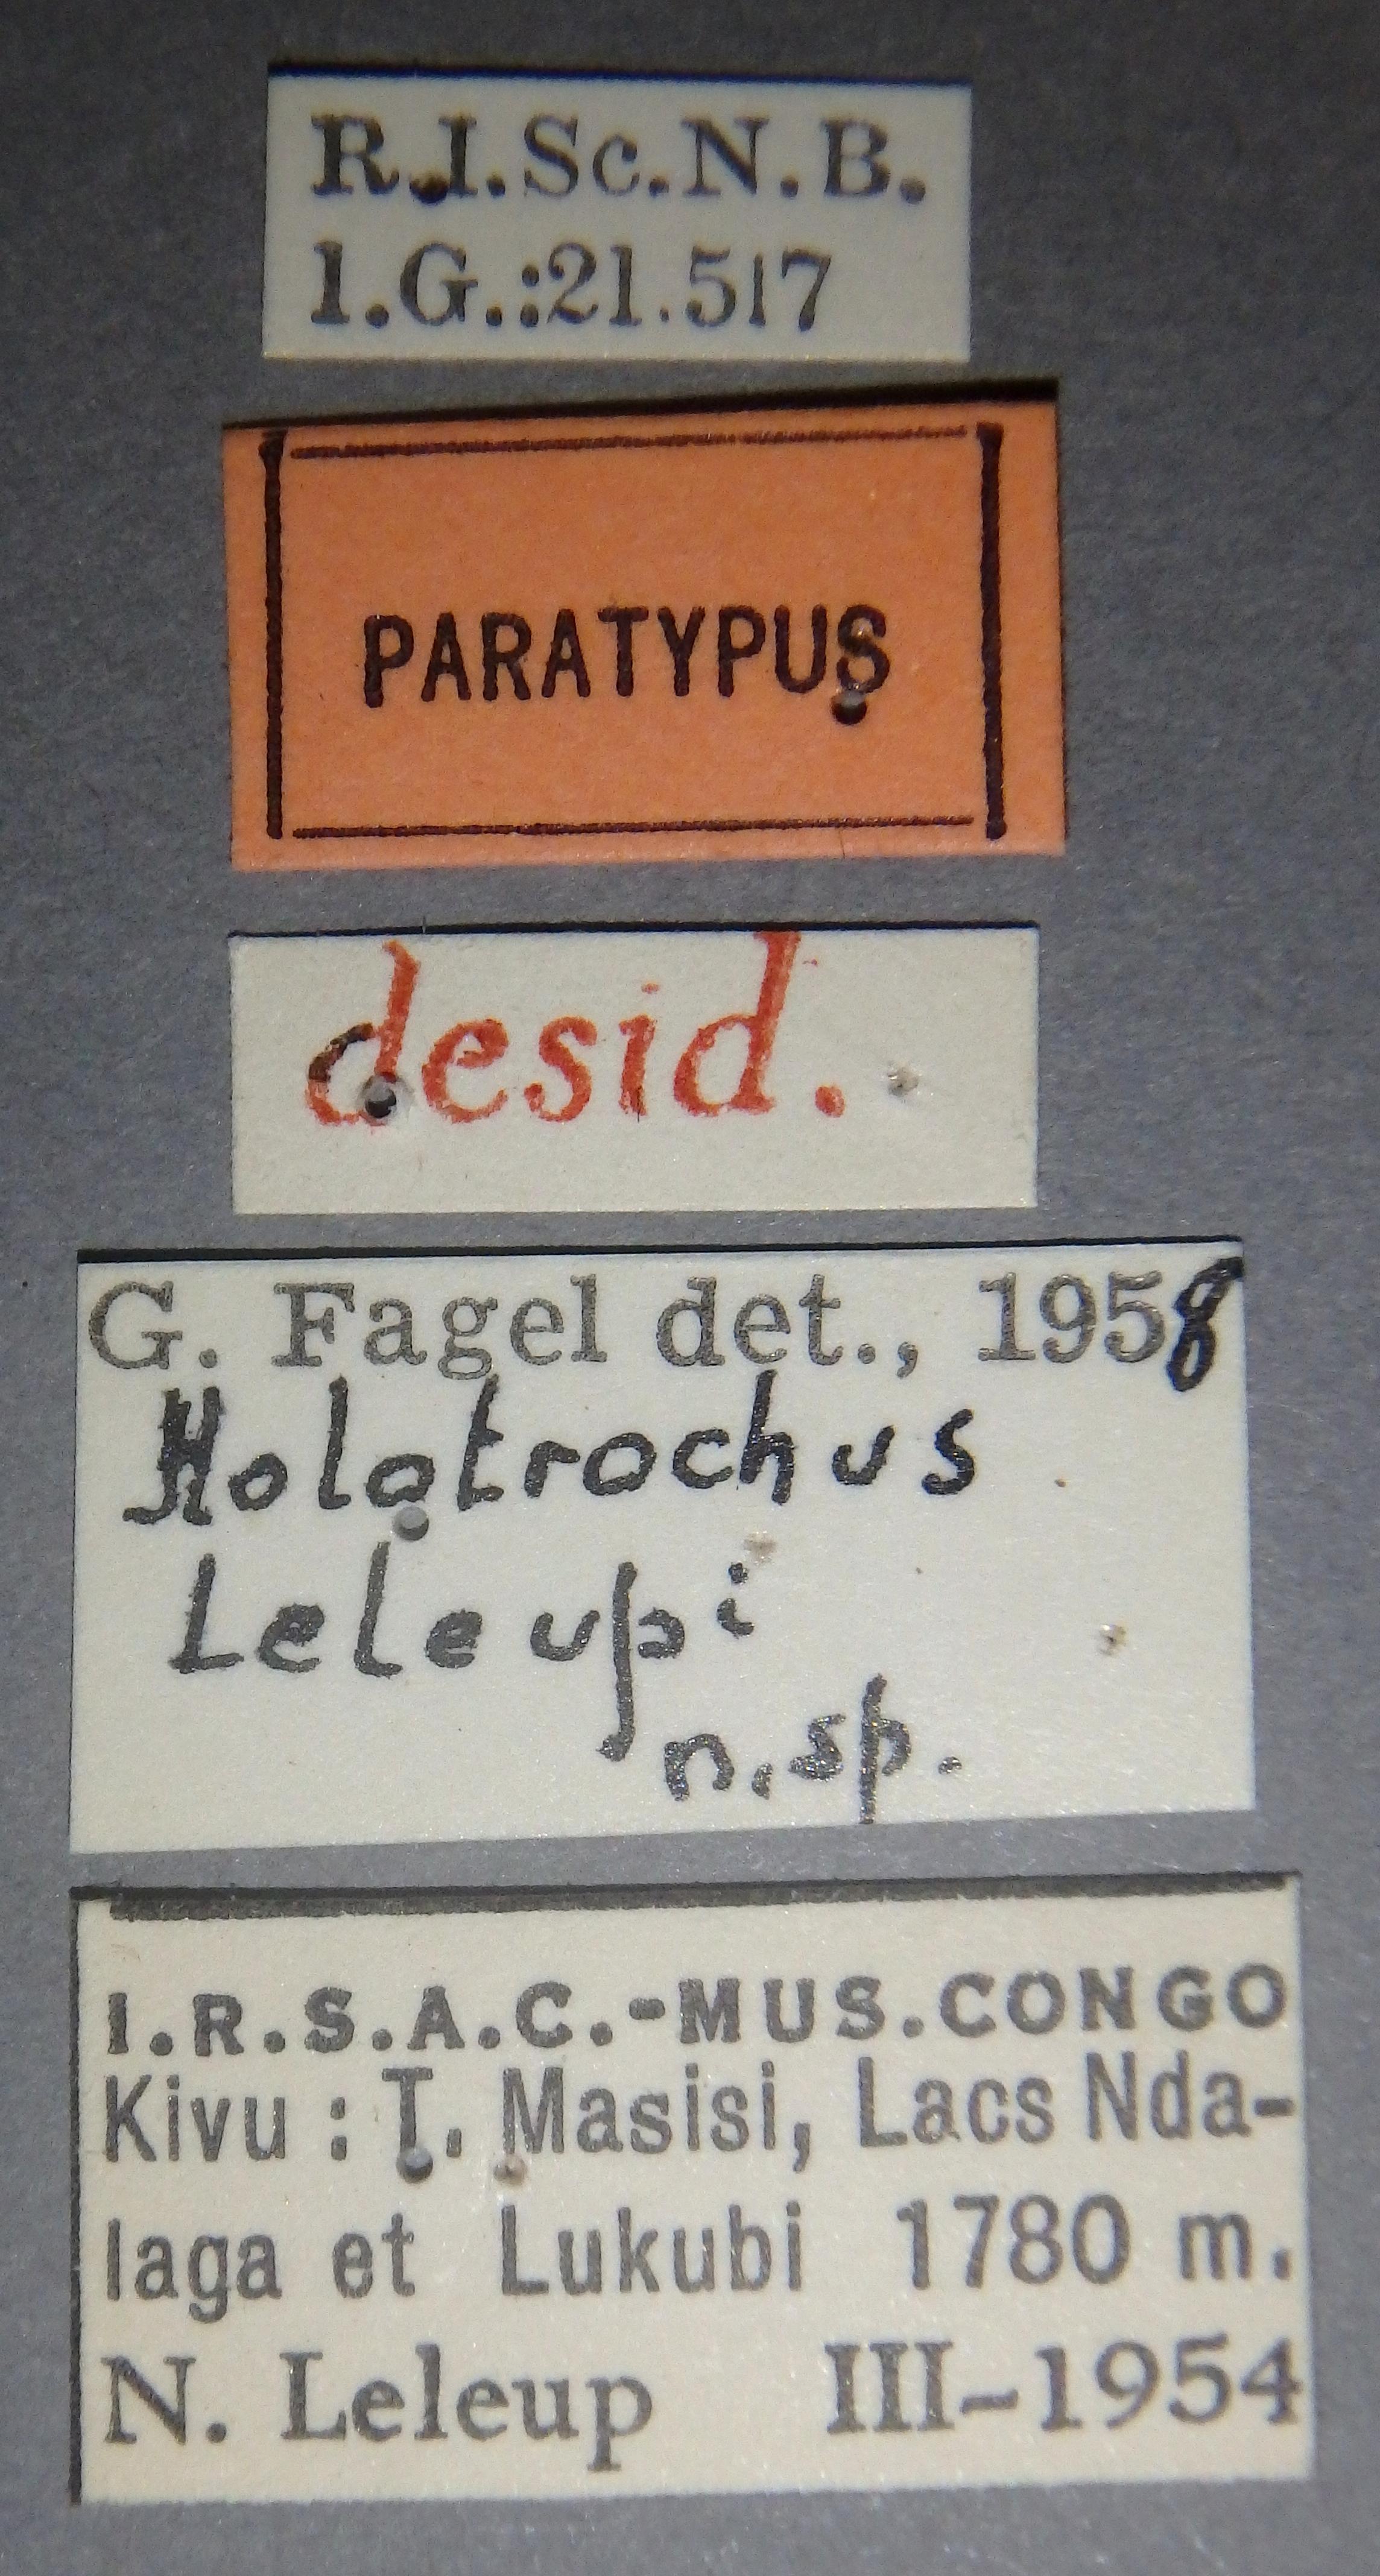 Holotrochus leleupi pt Lb.JPG